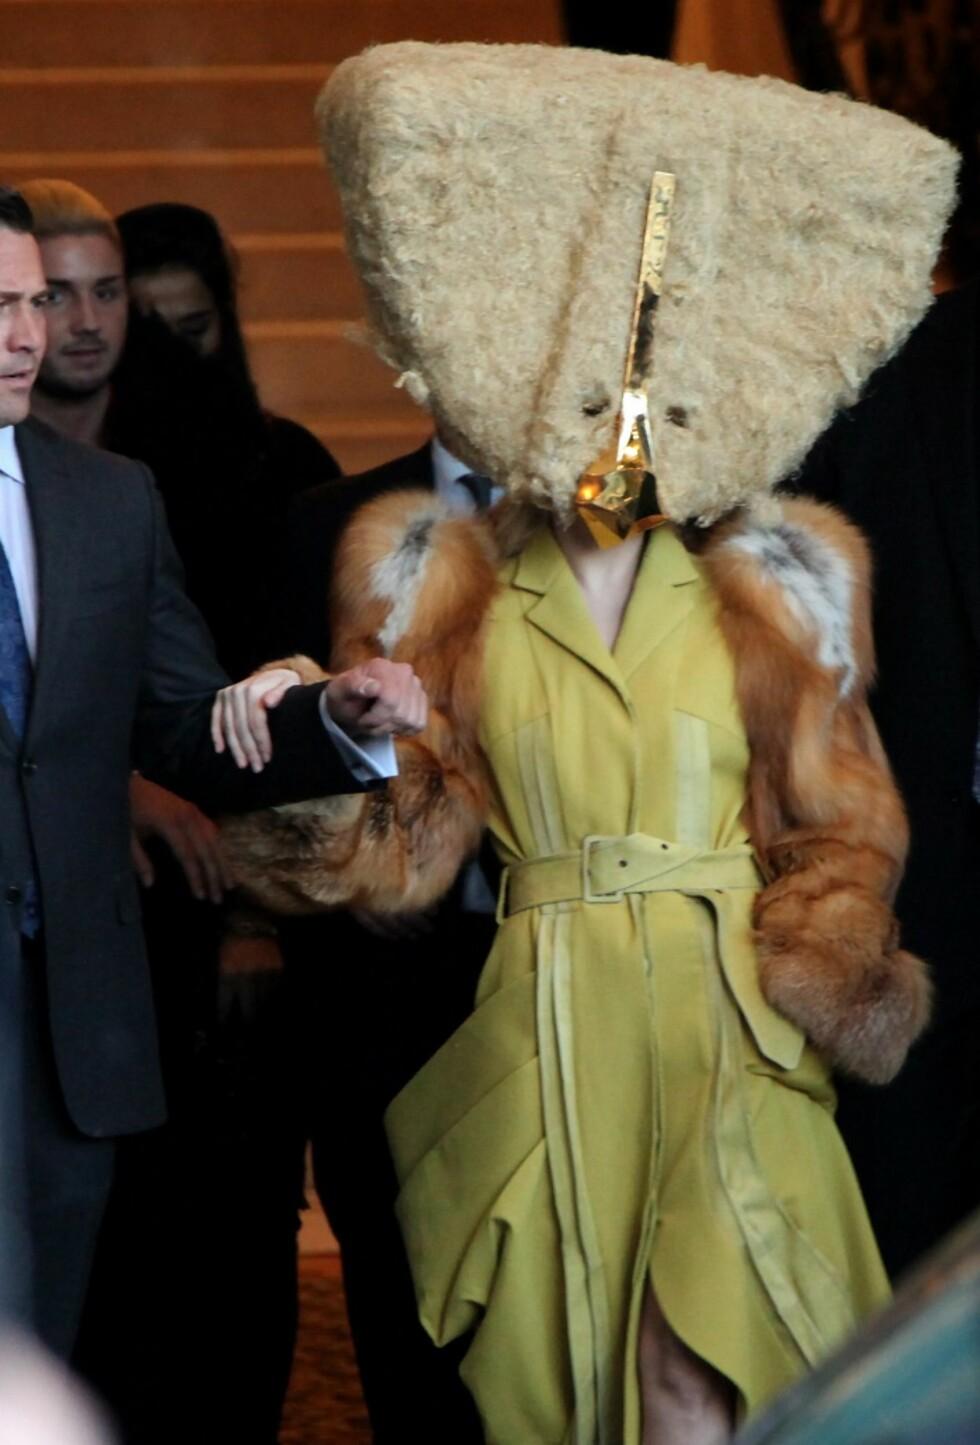 På samme Berlin-besøk viste Gaga seg senere med et noe spesielt hodeplagg.  Foto: All Over